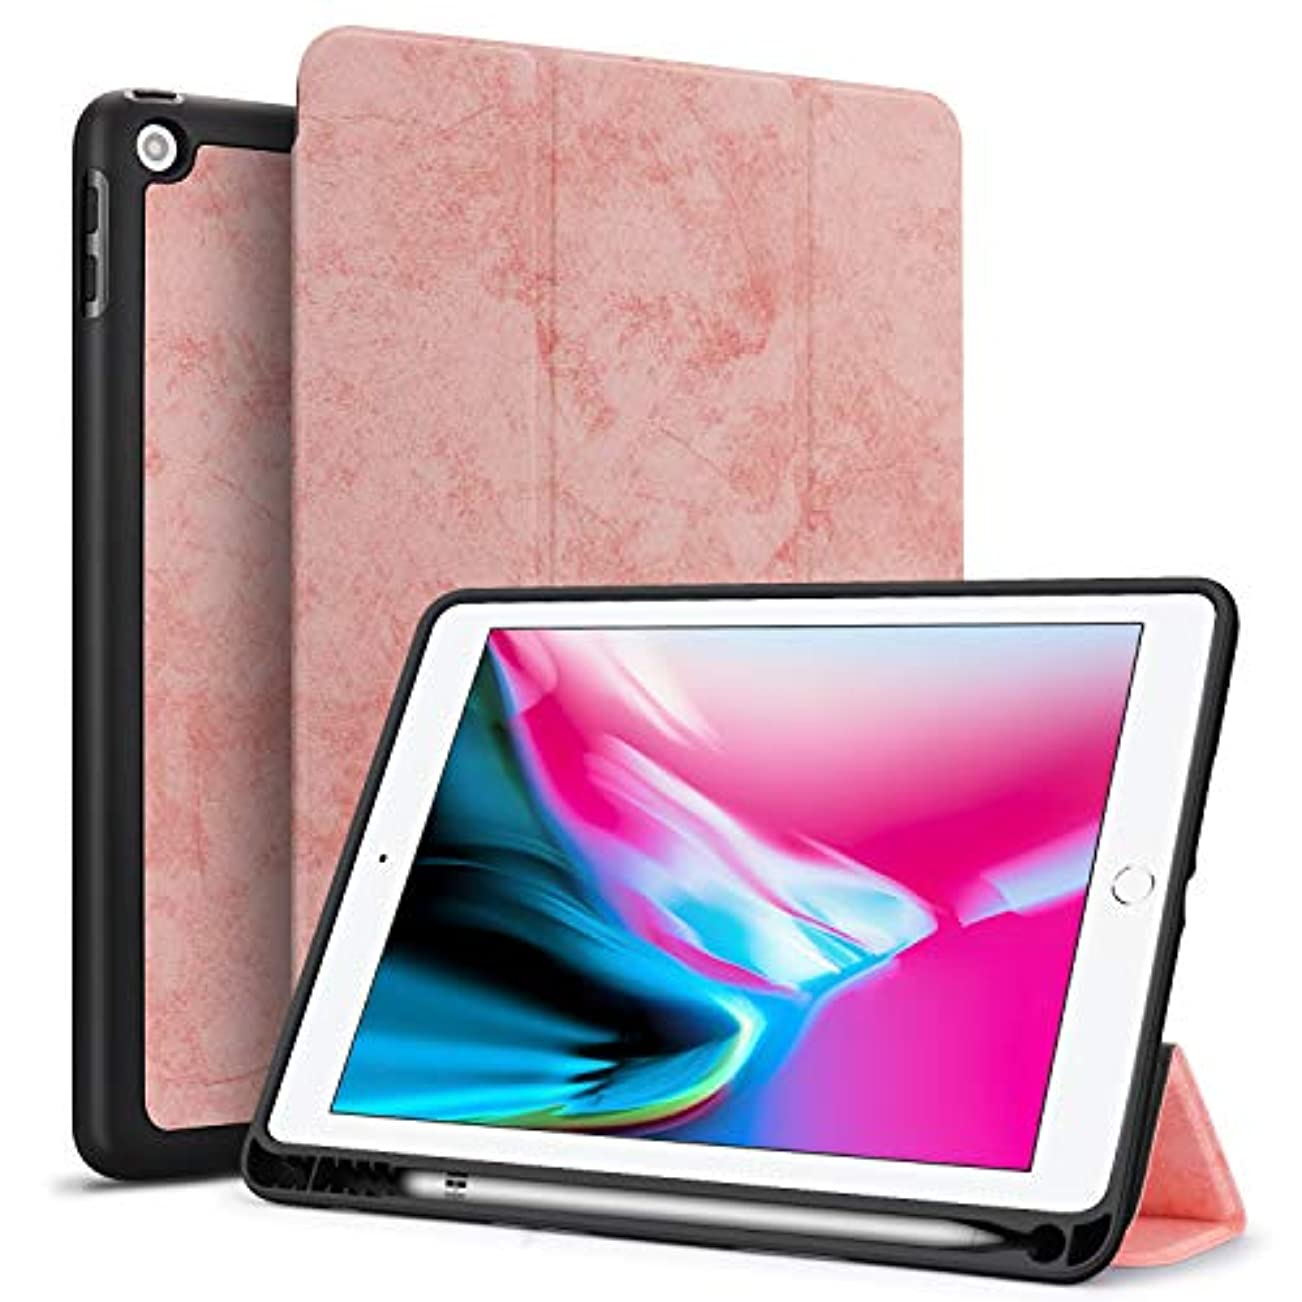 嵐の松明頼るTasikar iPad 9.7 ケース (2018/2017モデル) Apple Pencil 収納可能 TPU 耐衝撃 傷つけ防止 軽量 薄型 保護カバー 三つ折スタンド オートスリープ機能付き PU レザー スマートカバー 2017年と2018年発売の9.7インチ iPad 対応(モデル番号A1822、A1823、A1893、A1954) (ピンク)